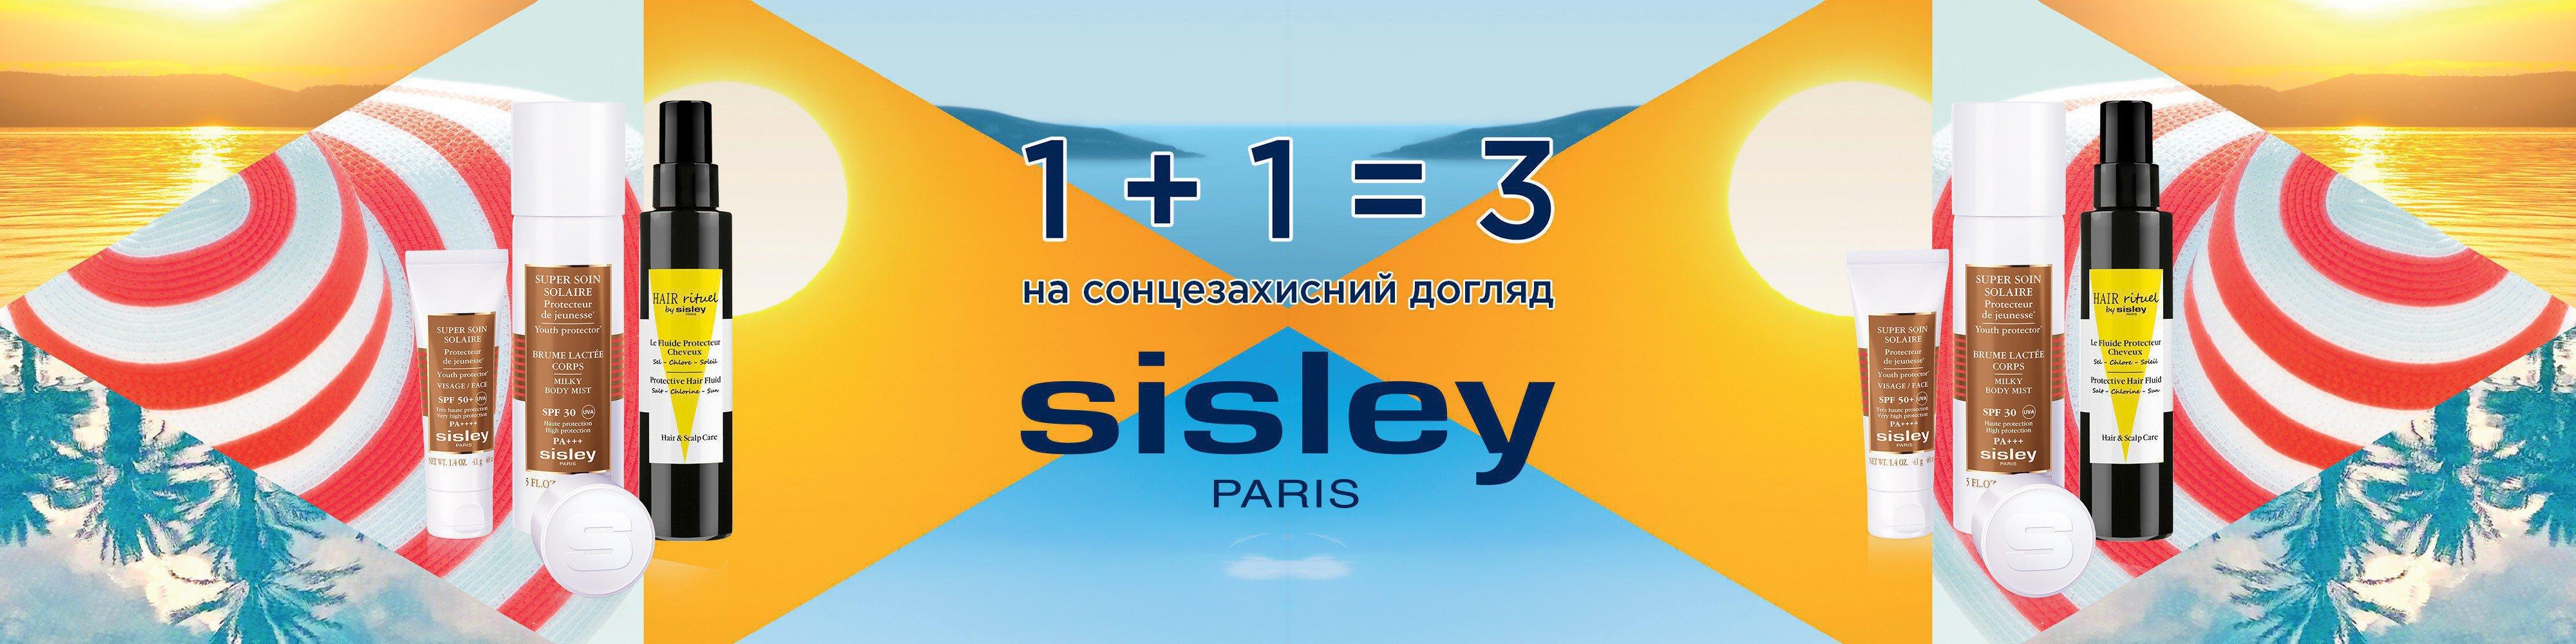 Sisley - подарок с покупкой солнцезащитной линейки